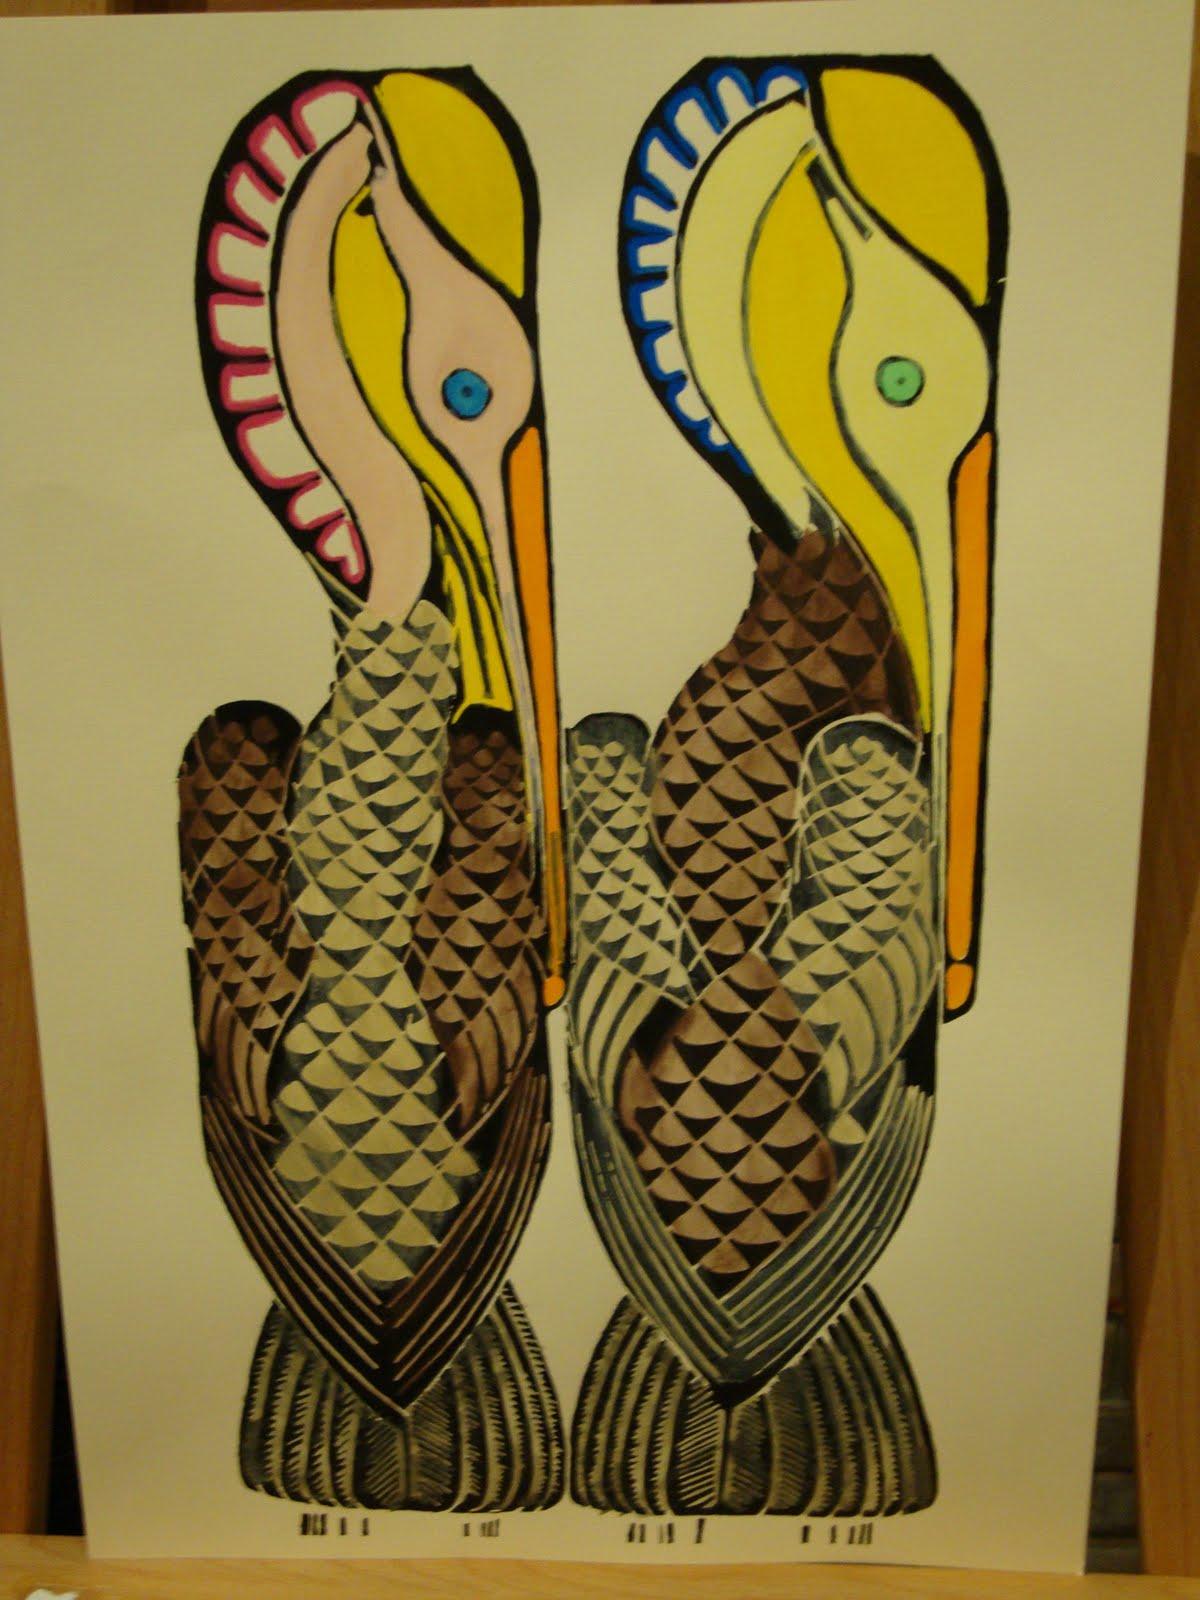 Walter+anderson+pelican